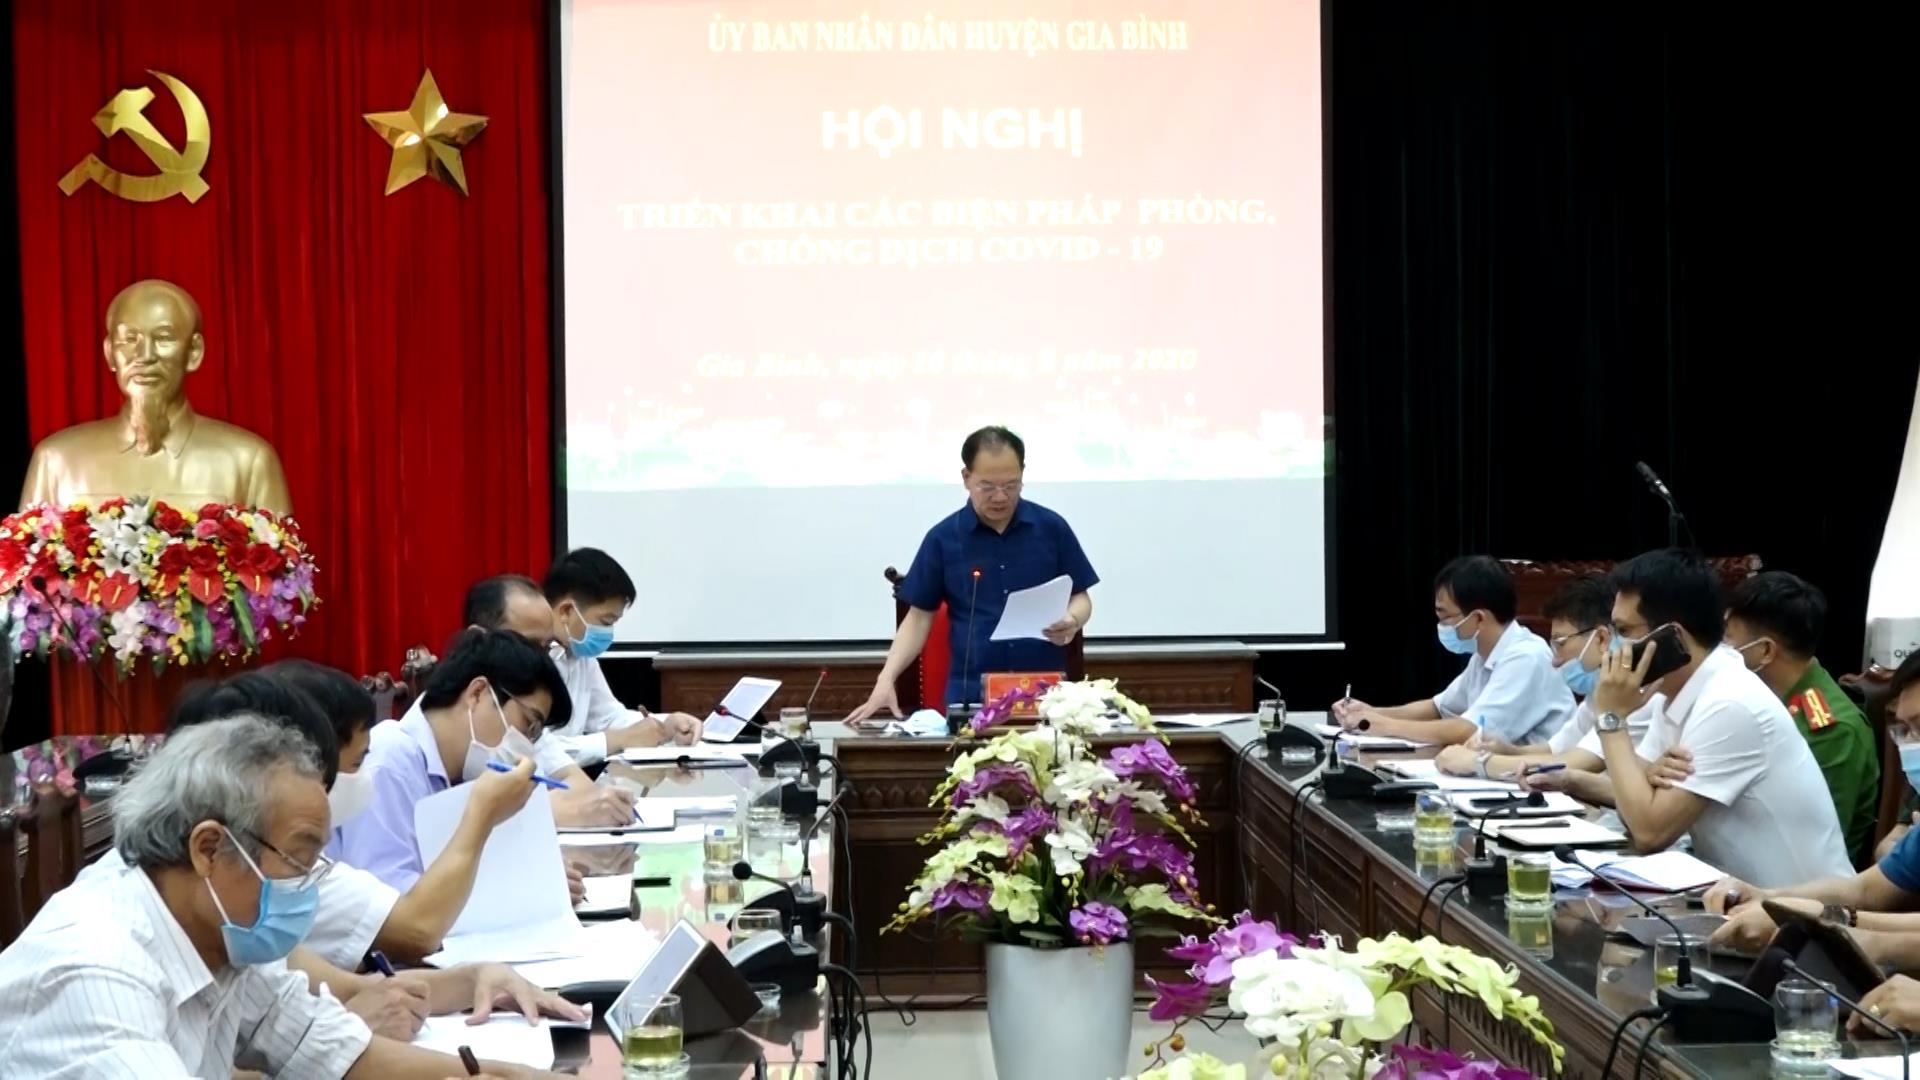 UBND Huyện Gia Bình bàn giải pháp phòng, chống dịch COVID-19